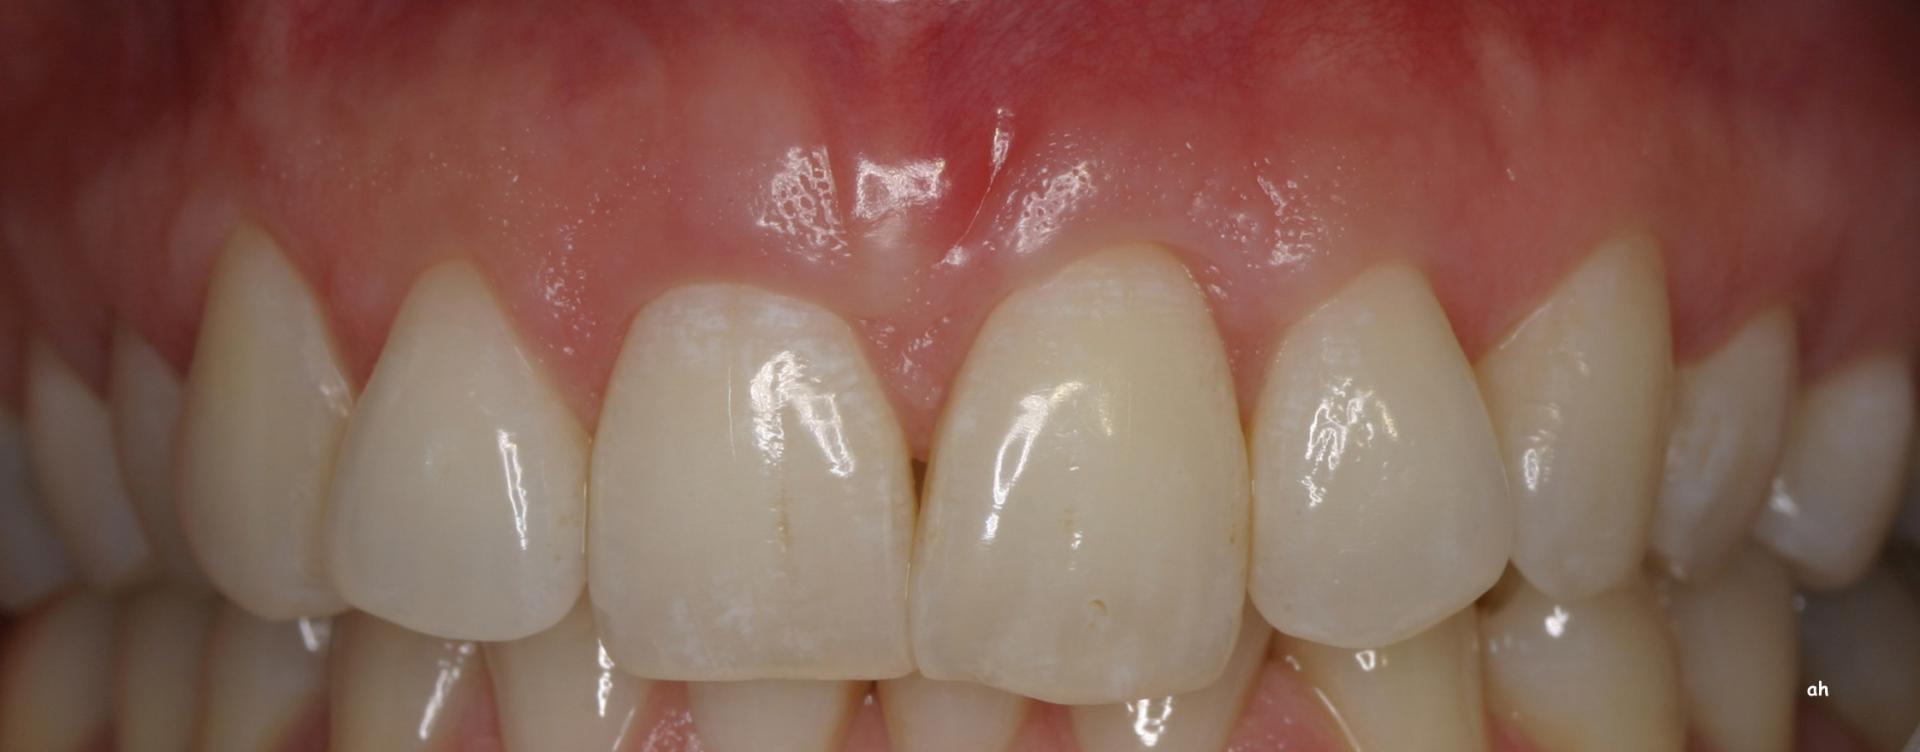 traitement des gencives dentiste lausanne pr sentation de biomat riaux alain haerri. Black Bedroom Furniture Sets. Home Design Ideas